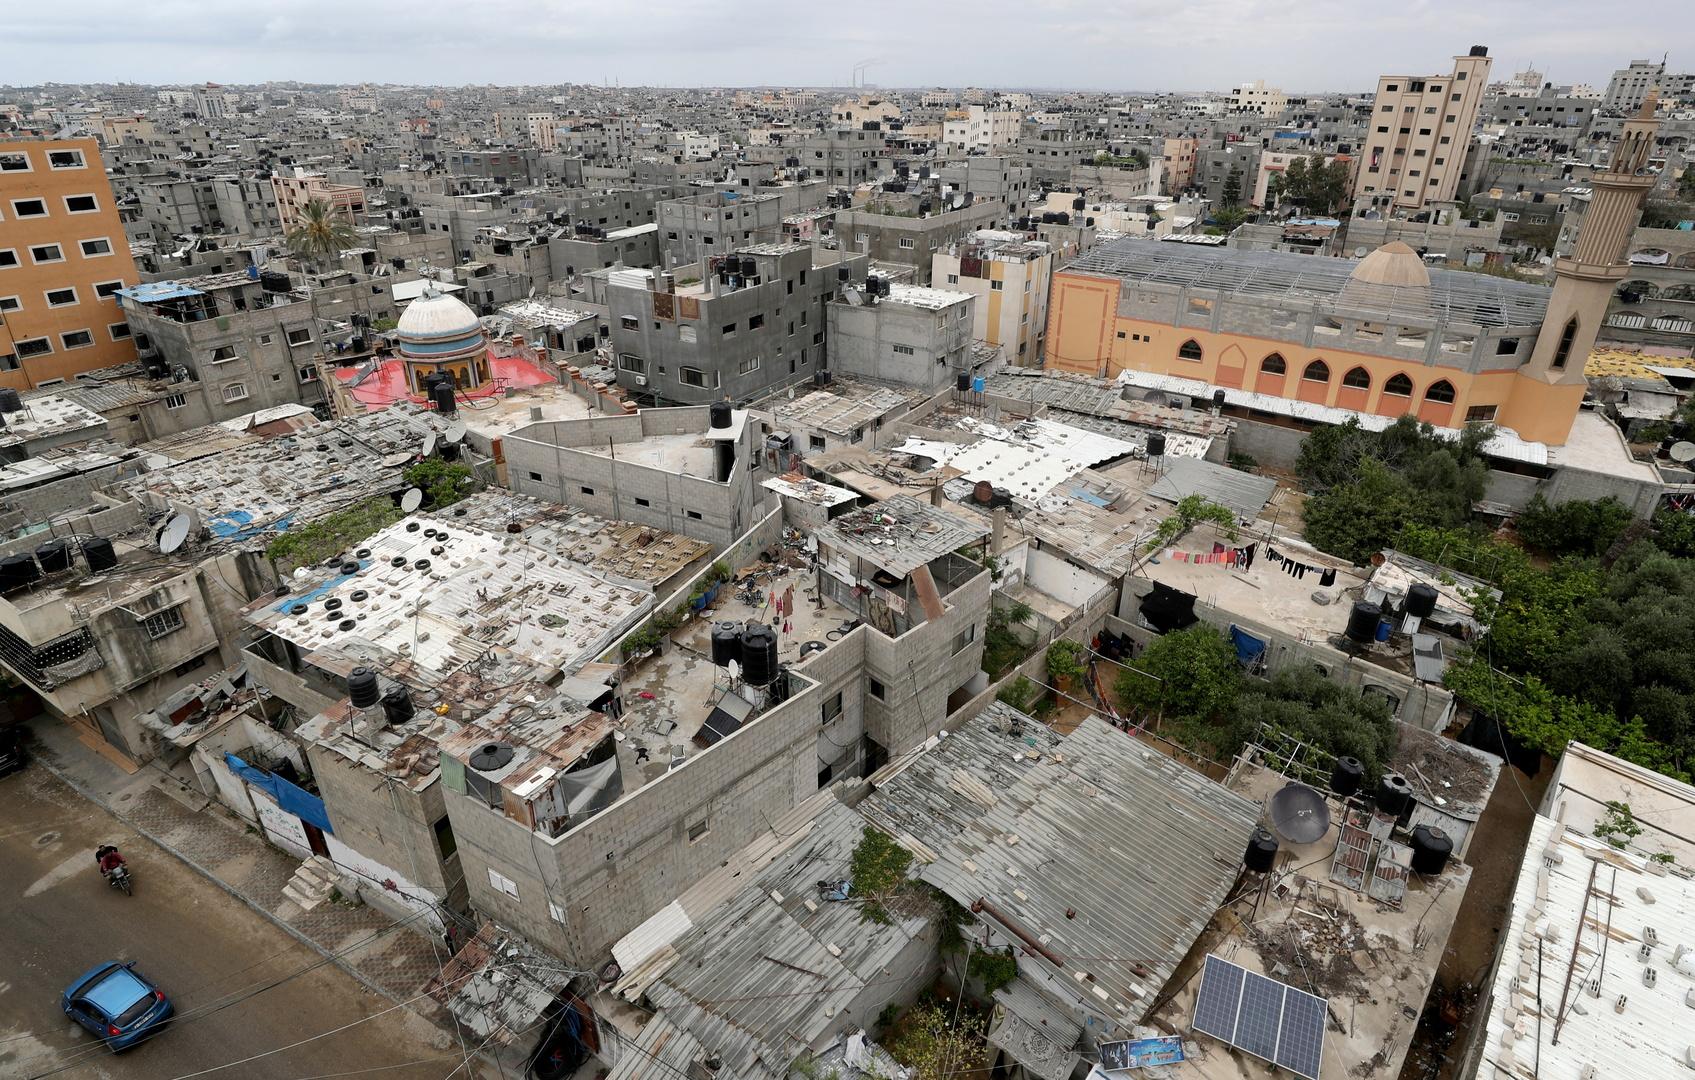 غزة: الإفراج عن 45 سجينا أمنيا لتهيئة الأجواء للانتخابات